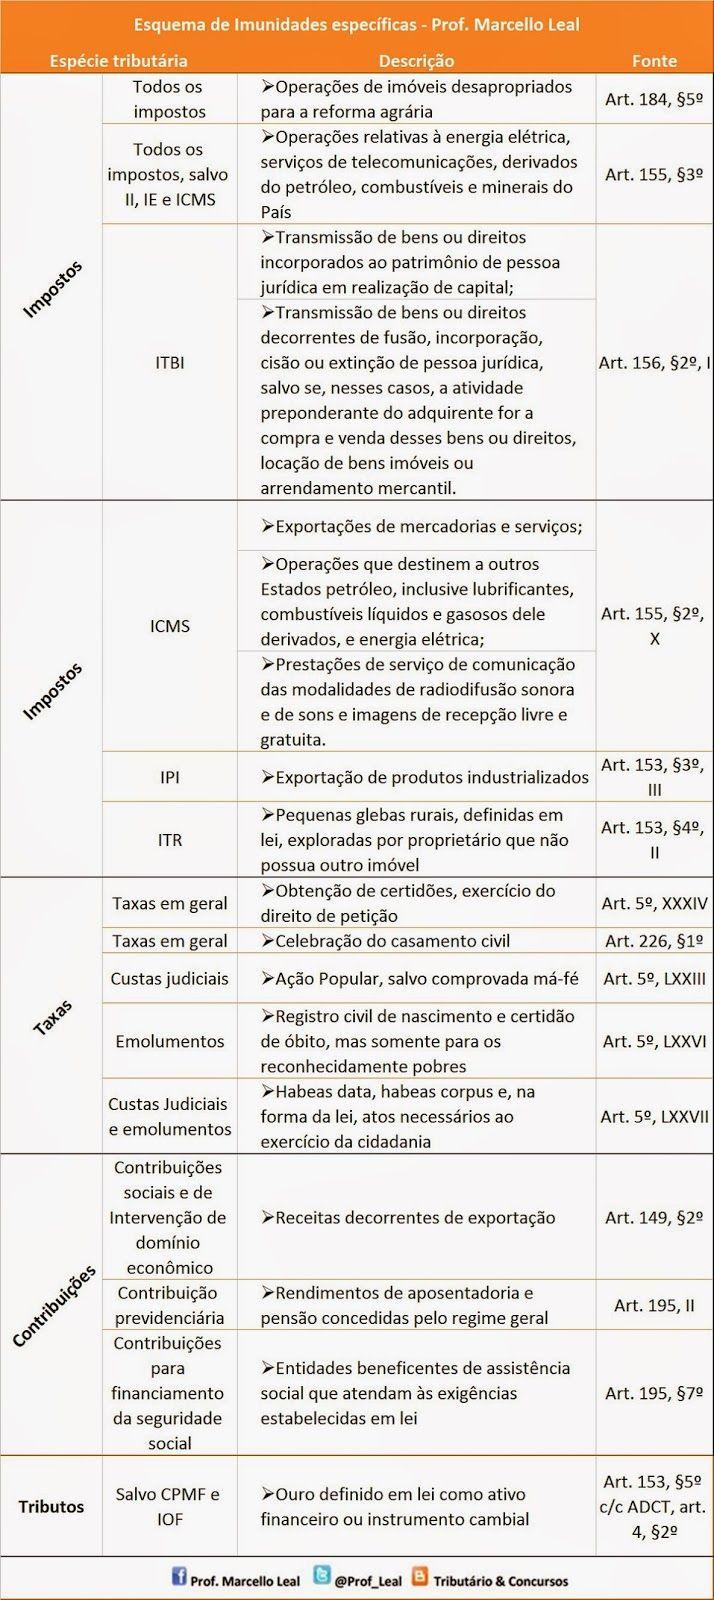 Tributário & Concursos - Prof. Marcello Leal: Esquema de imunidades específicas